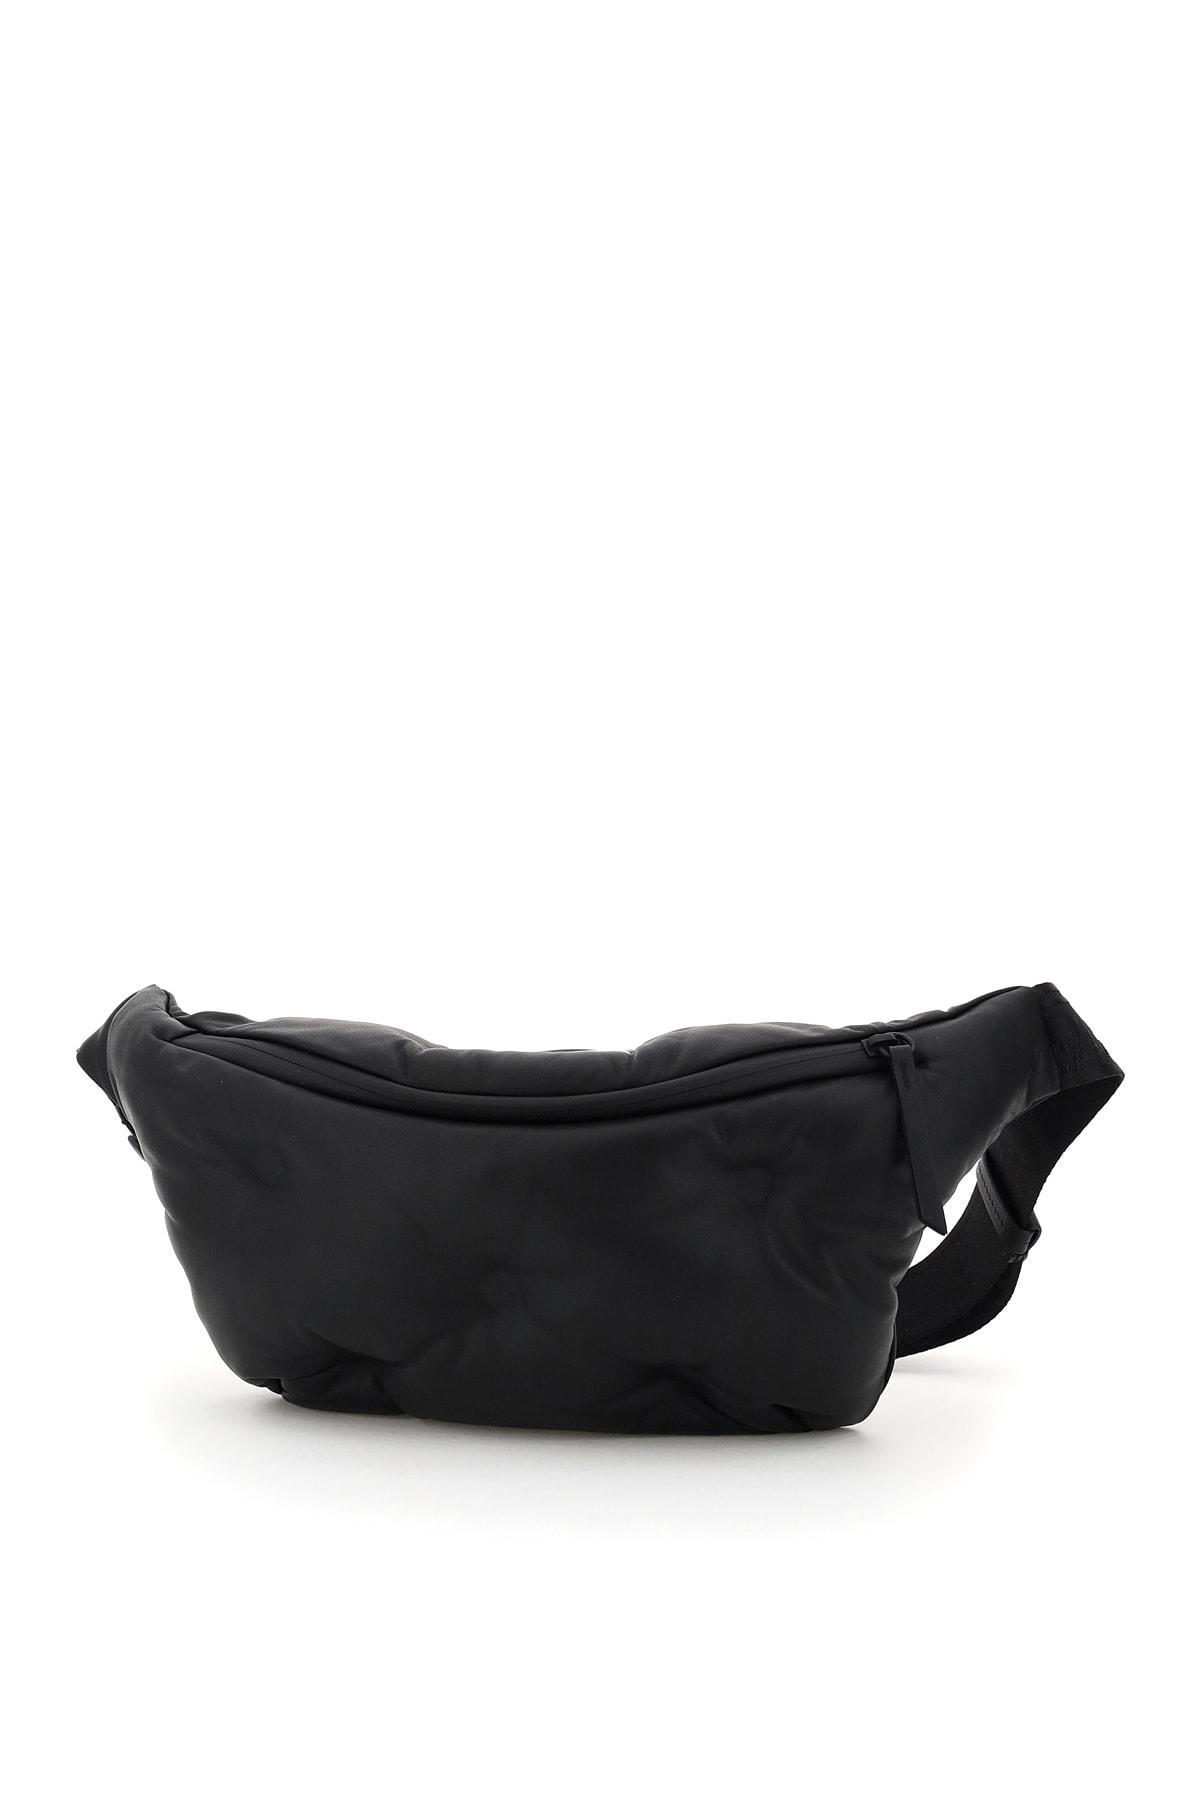 Maison Margiela Glam Slam Leather Beltpack